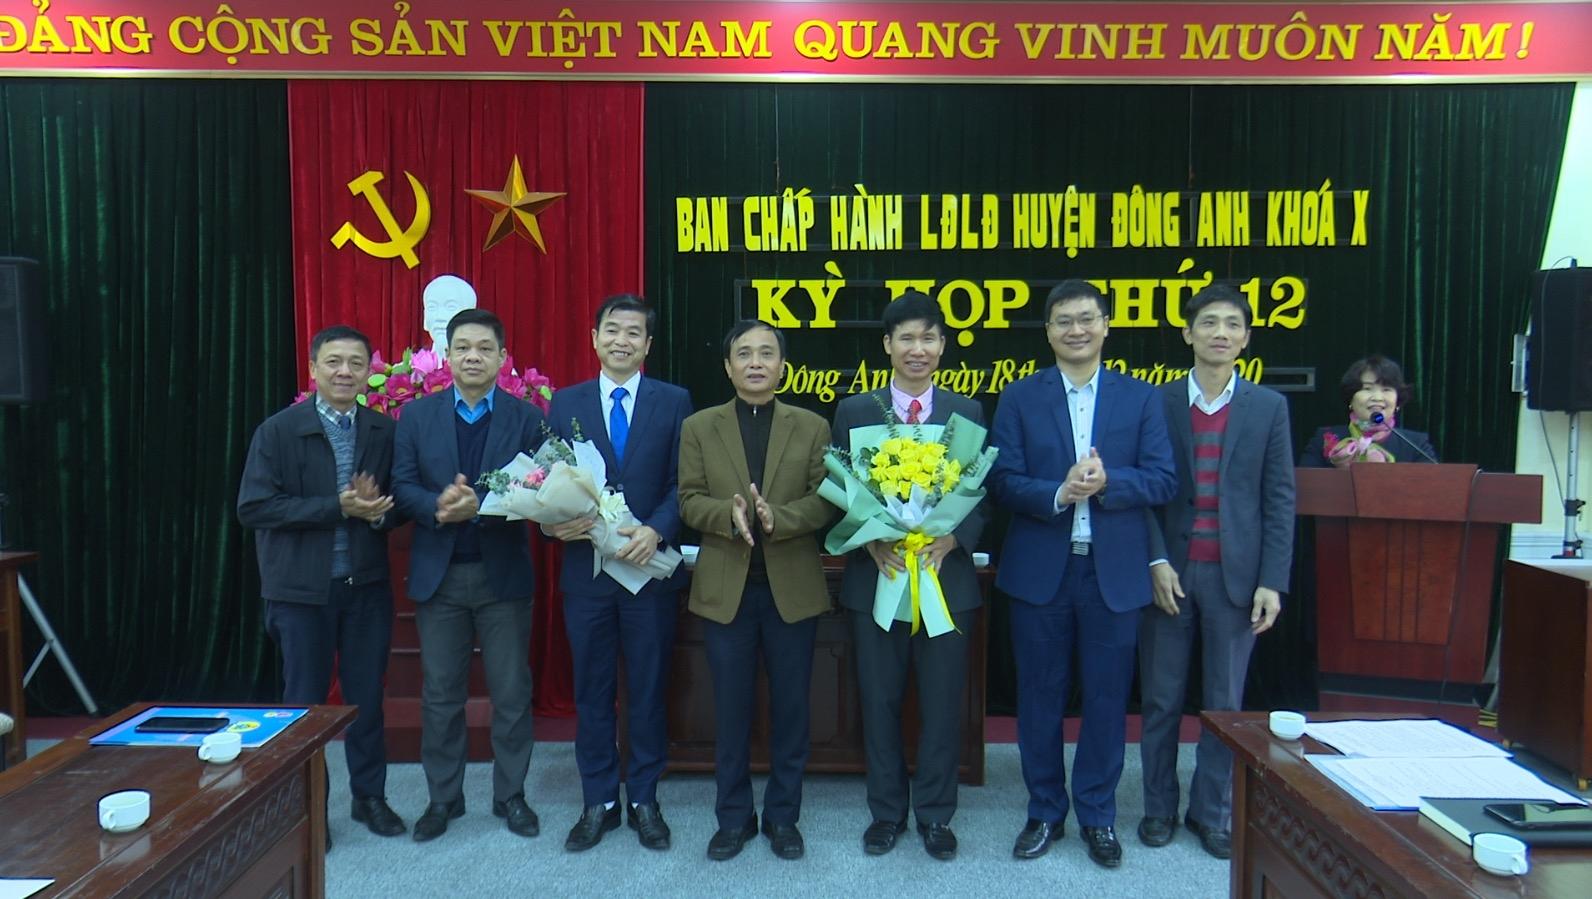 Đồng chí Nguyễn Văn Hoa được bầu giữ chức Chủ tịch Liên đoàn Lao động huyện Đông Anh